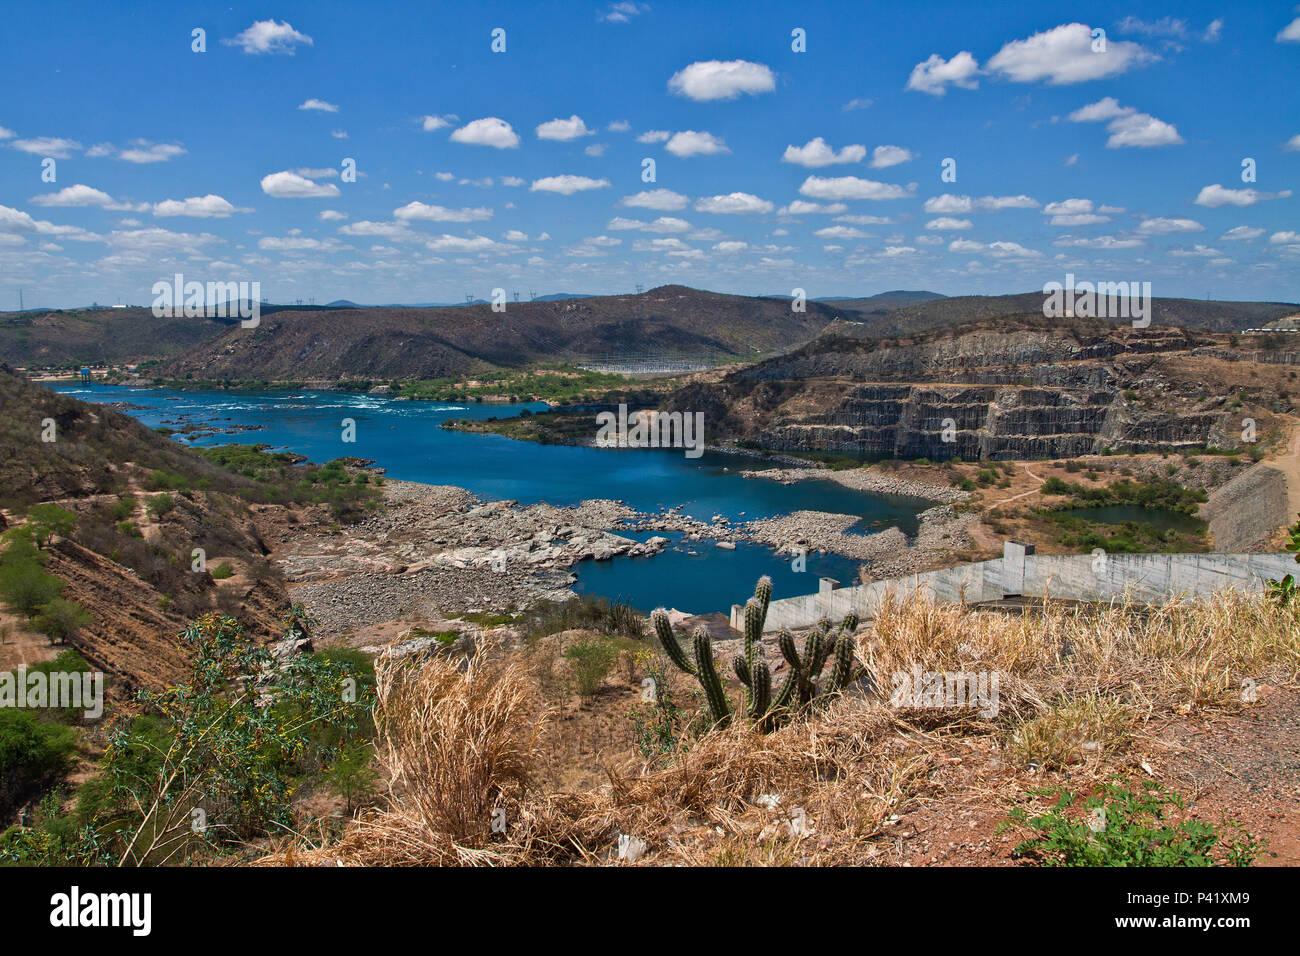 Canindé de São Francisco - se usina hidro Elétrica de Xingó usina hidro elétrica de Xingó Canindé de São Francisco, Sergipe, Nordeste de Brasil Imagen De Stock